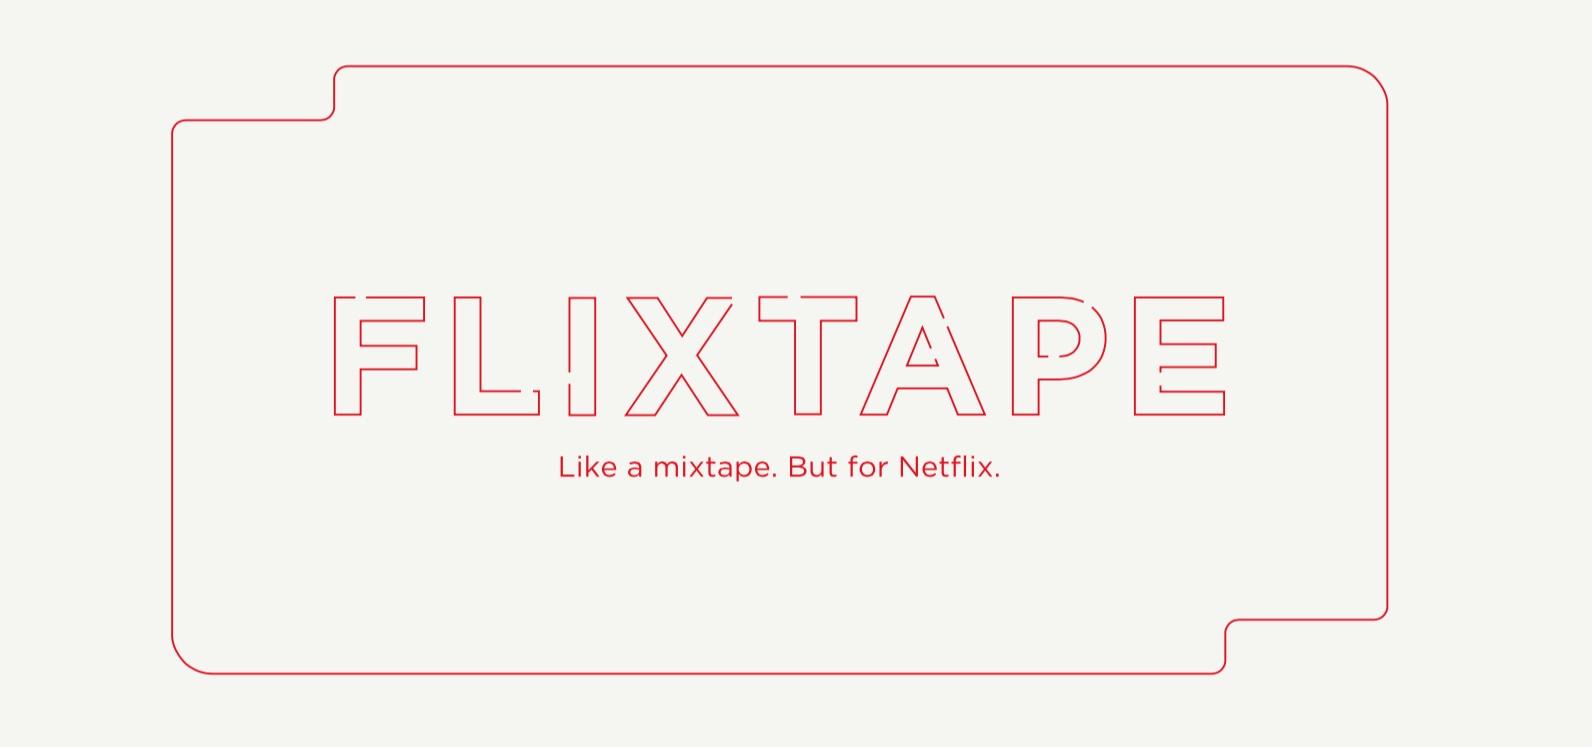 Die Flixtapes sind schon verfügbar, wenn auch nur auf Englisch.